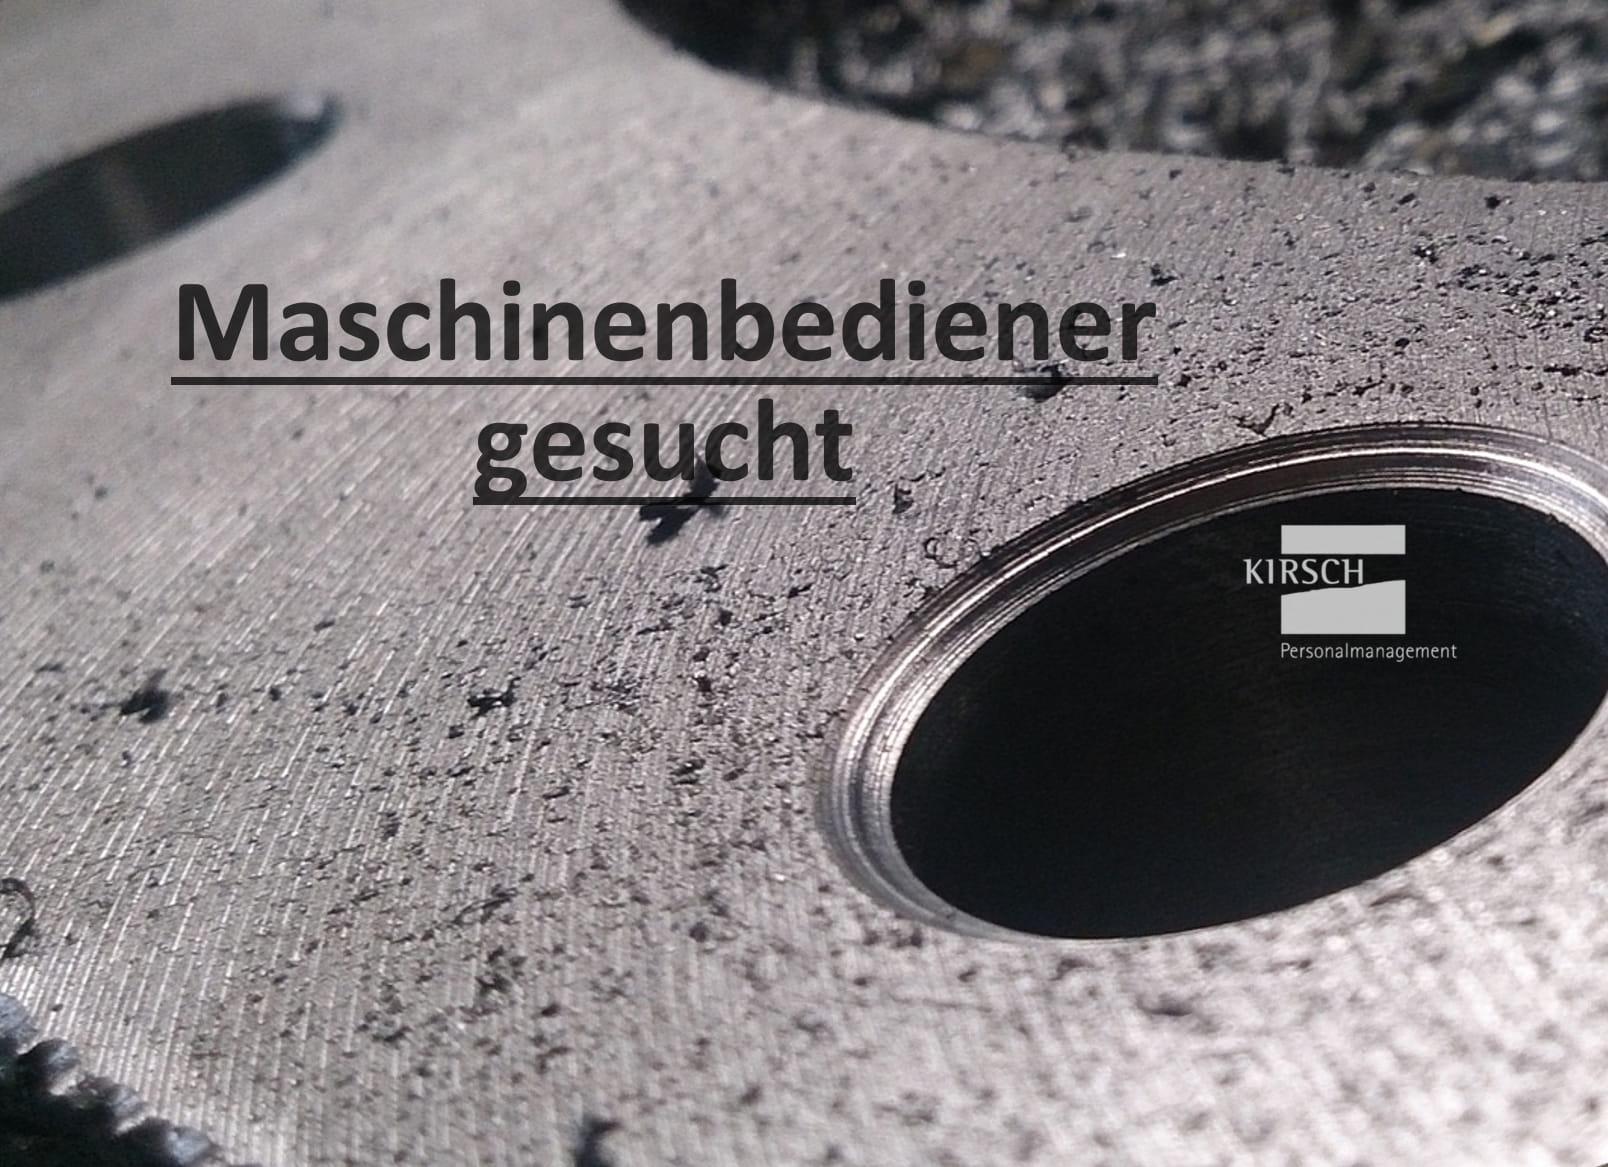 Atemberaubend Maschinenbediener Fortsetzungsformat Bilder ...